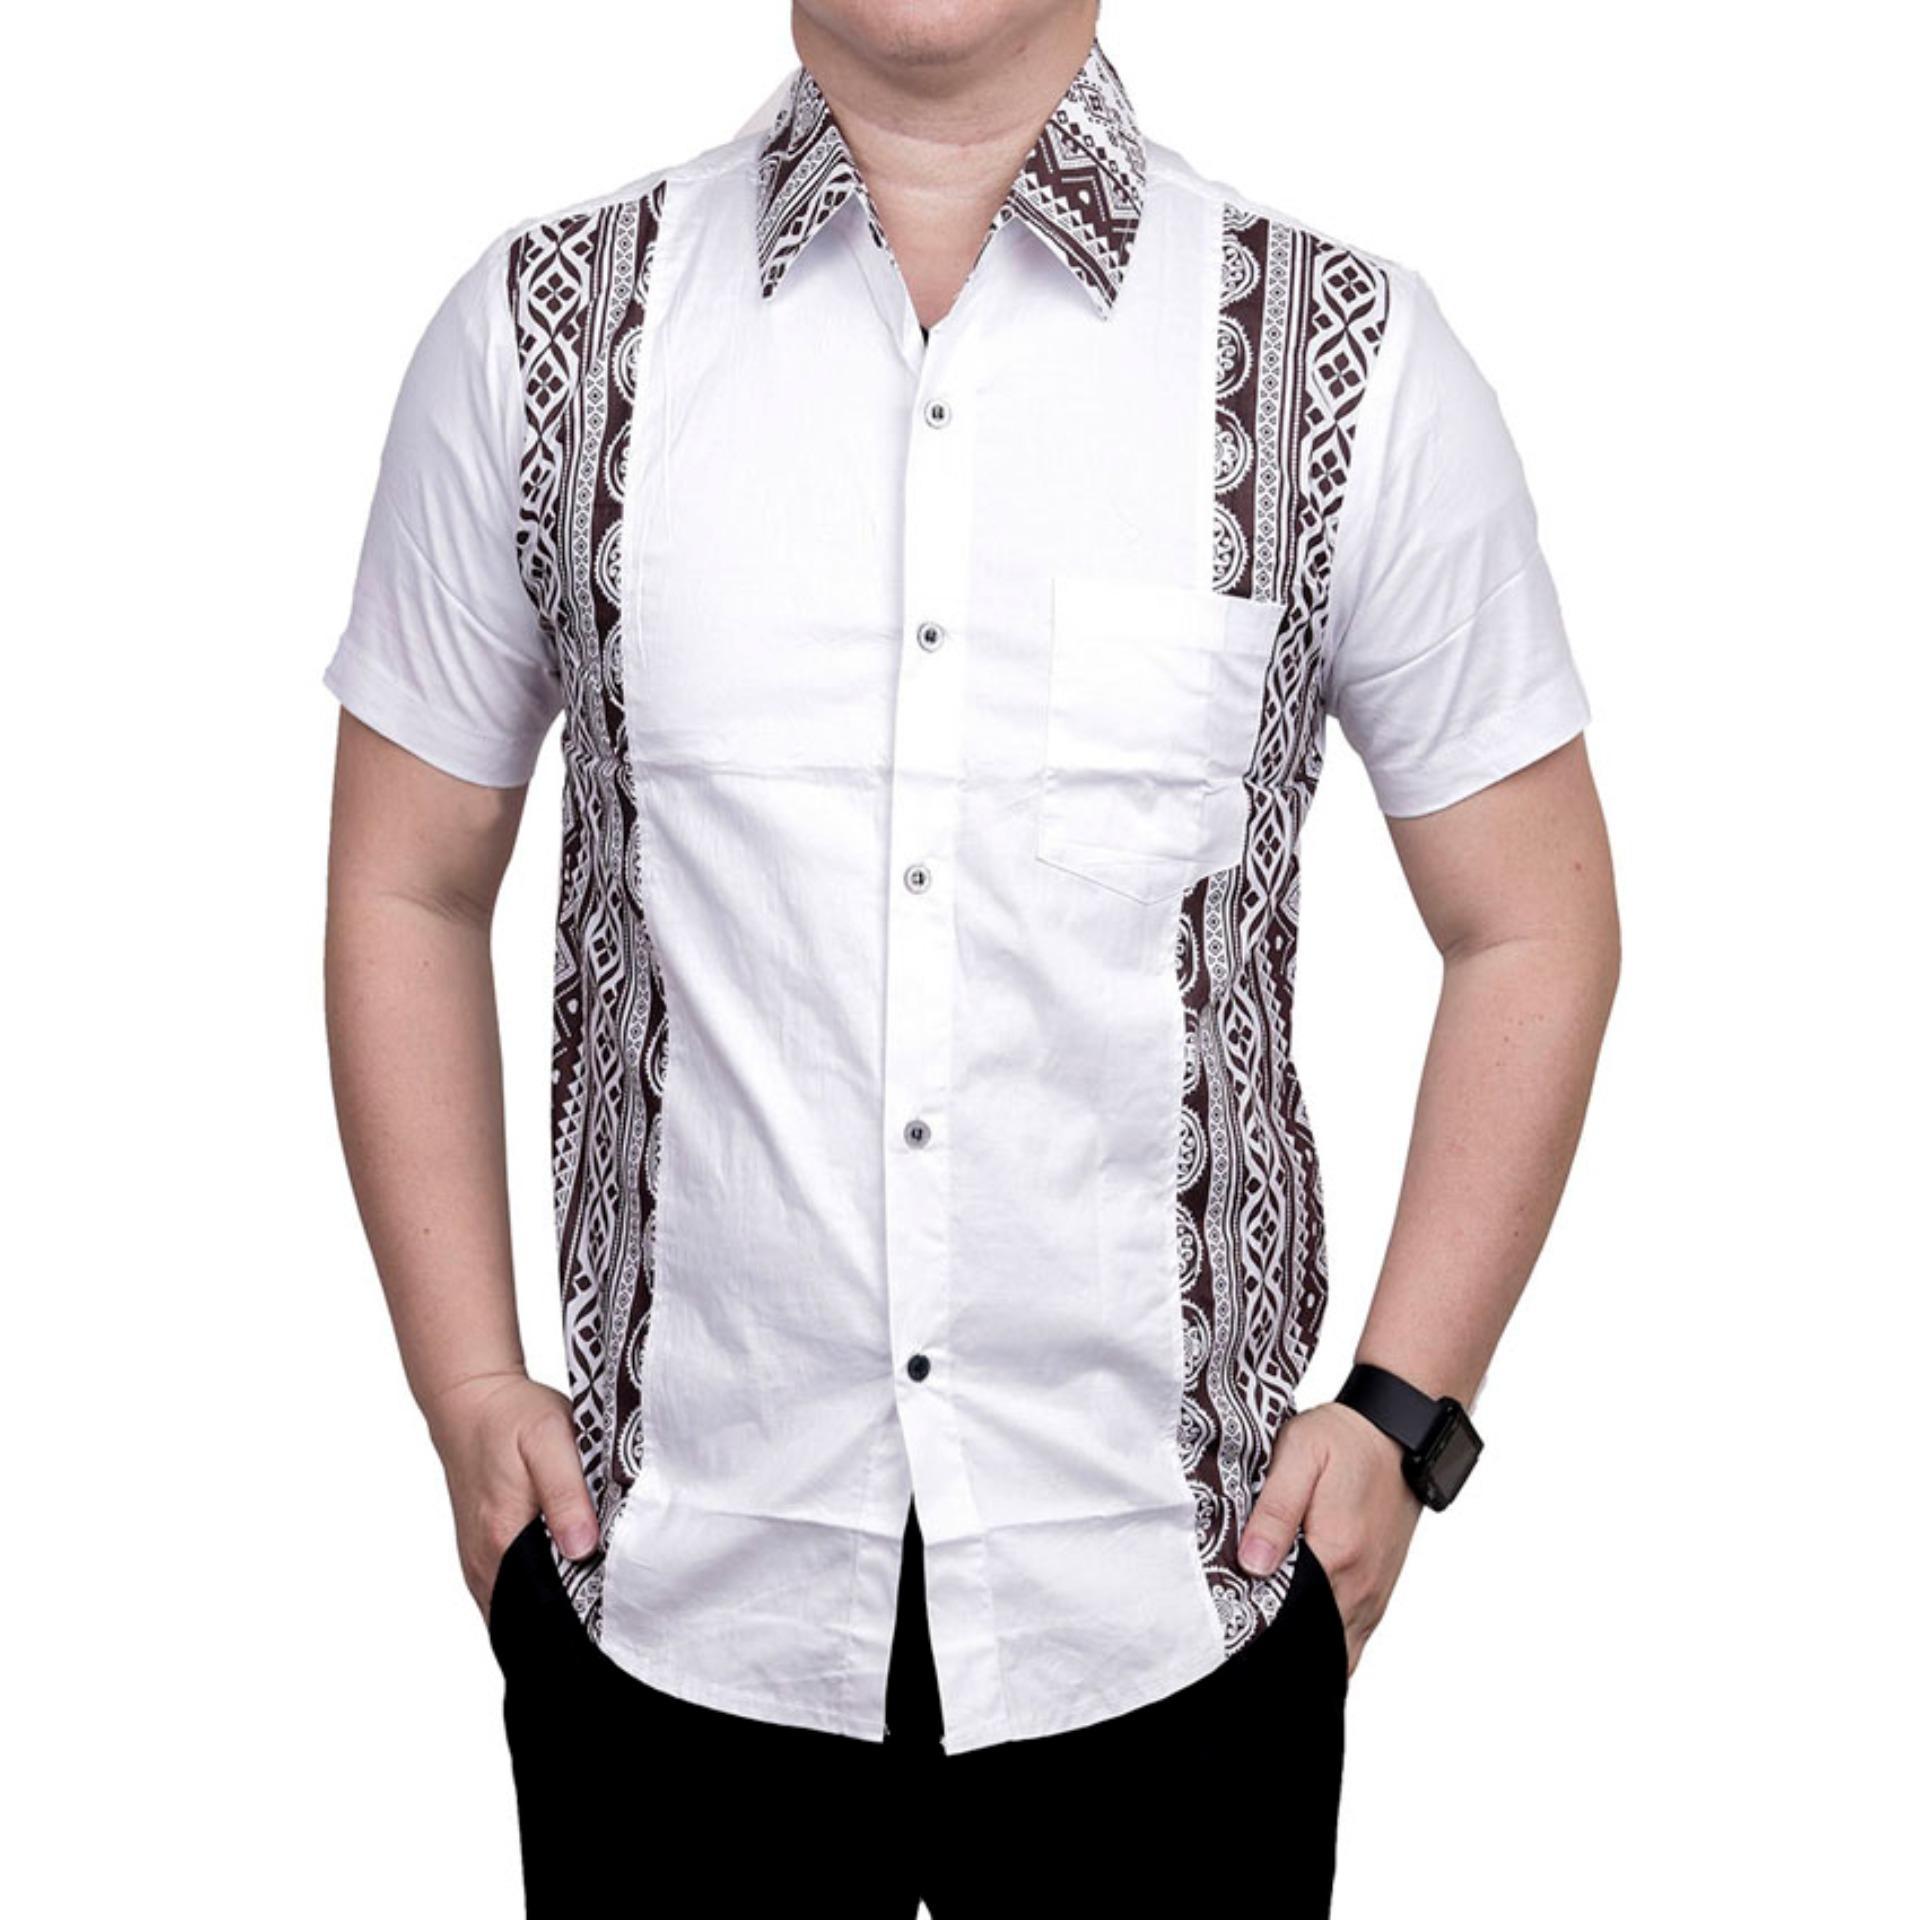 Harga Terjangkau Ormano Baju Koko Muslim Batik Lengan Pendek Lebaran ZO17 23SR Kemeja Fashion Pria Modern